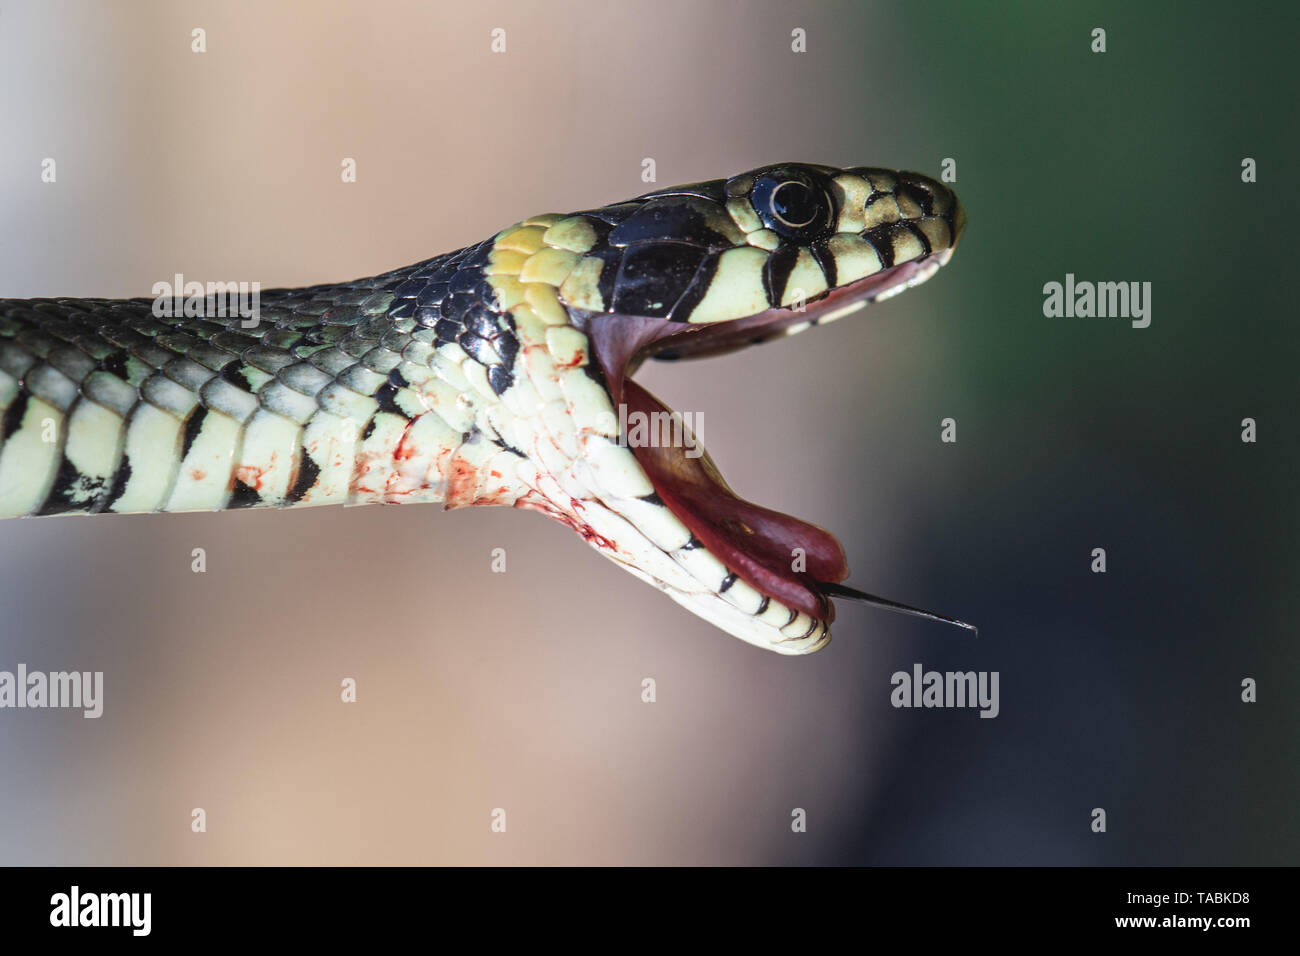 Bloody Grass Snake (Natrix natrix) avec la bouche ouverte et la langue dehors Banque D'Images